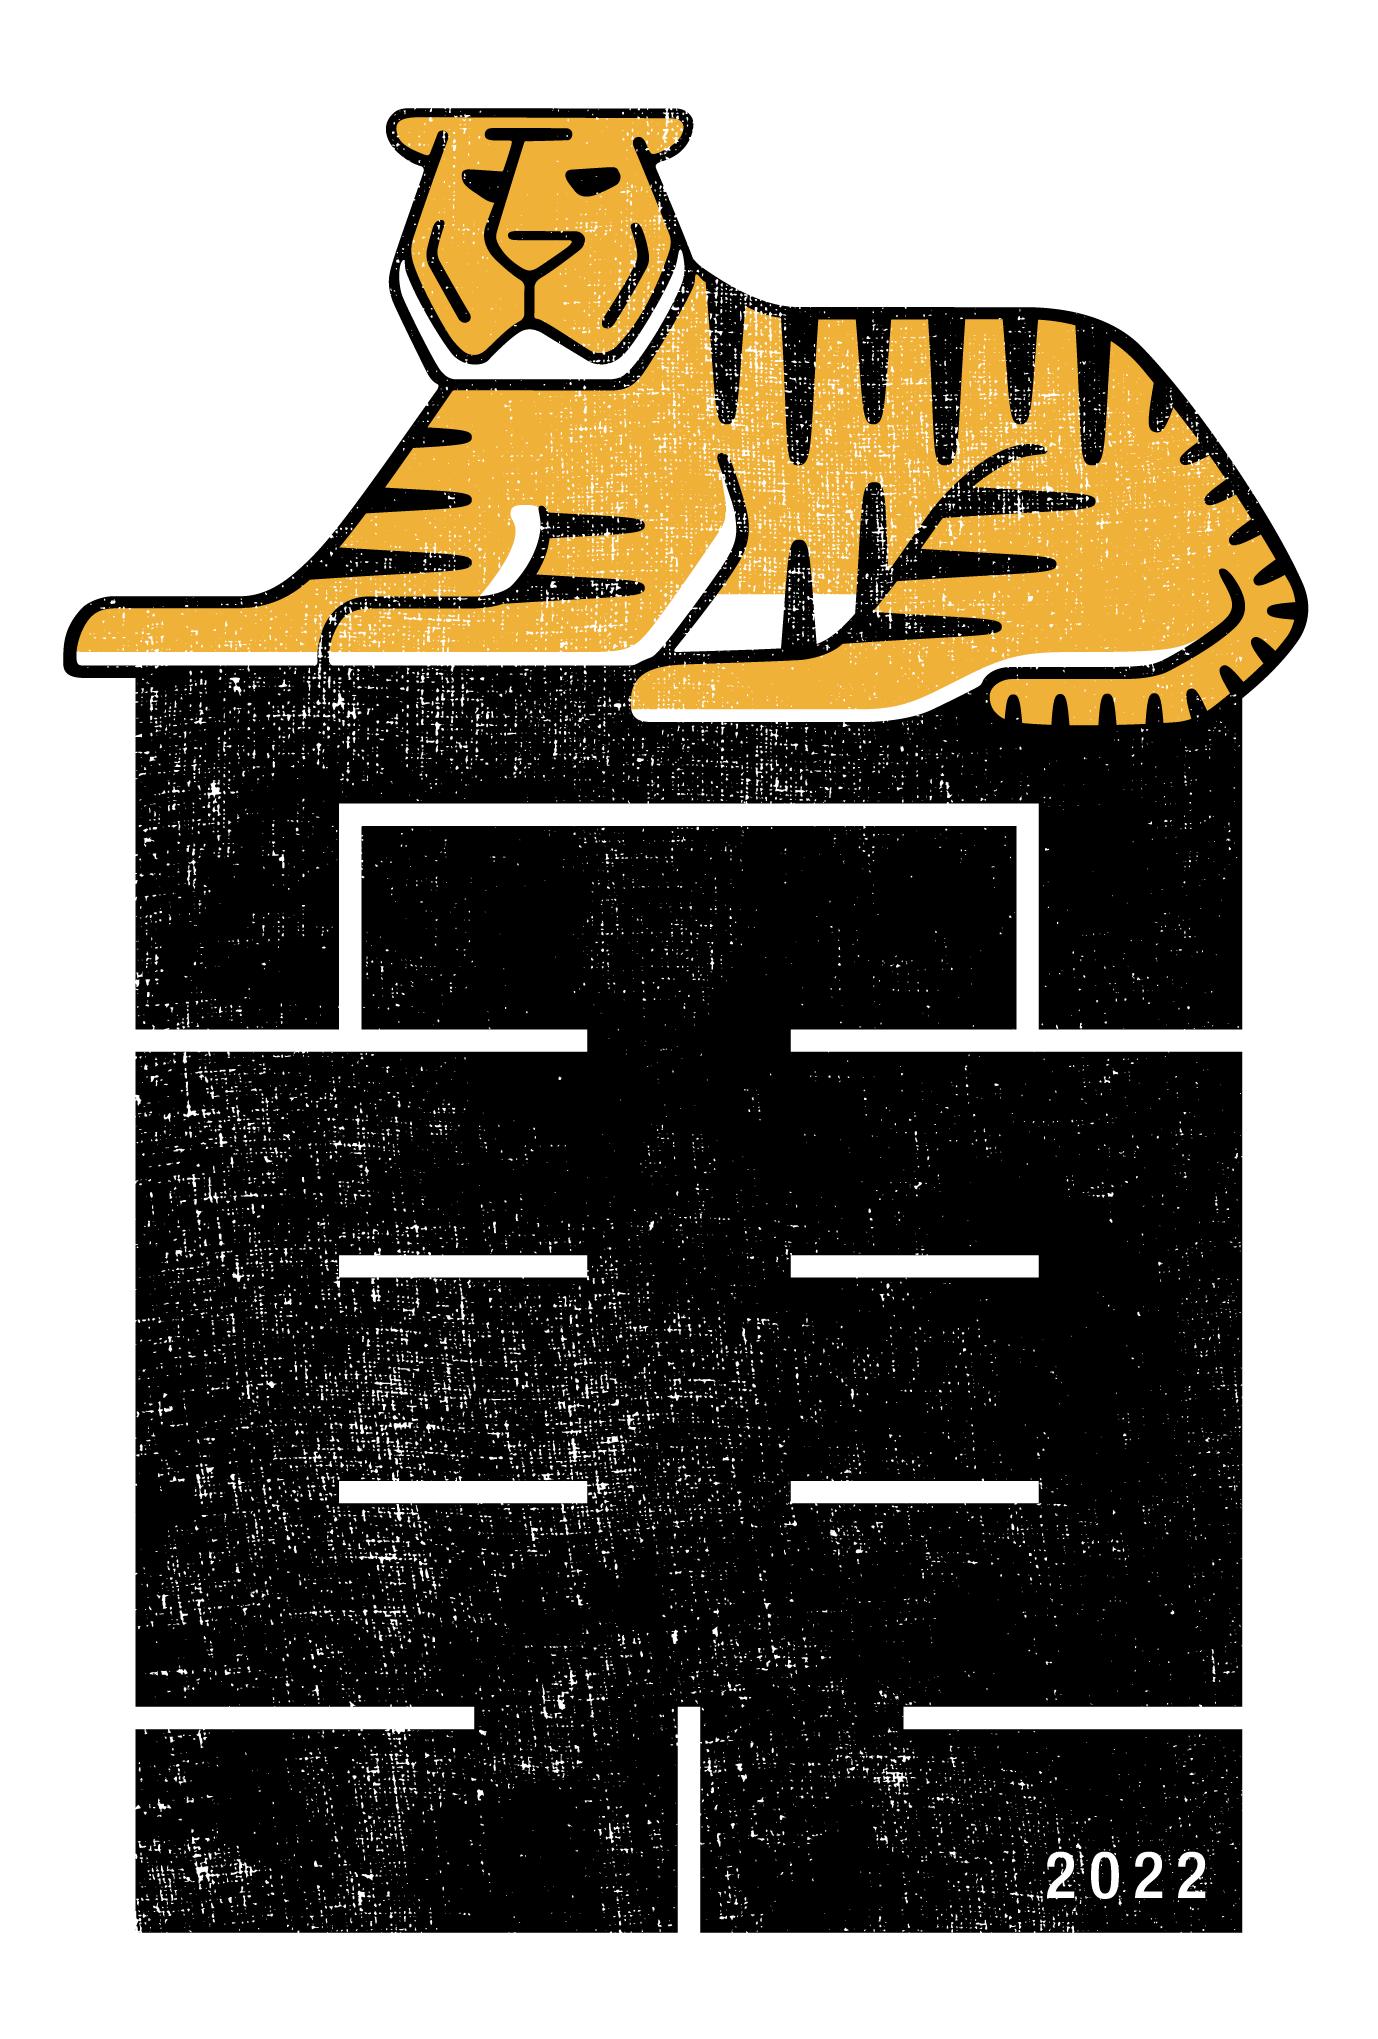 2022年賀状18-1:寅の江戸角字 / 伏虎のダウンロード画像